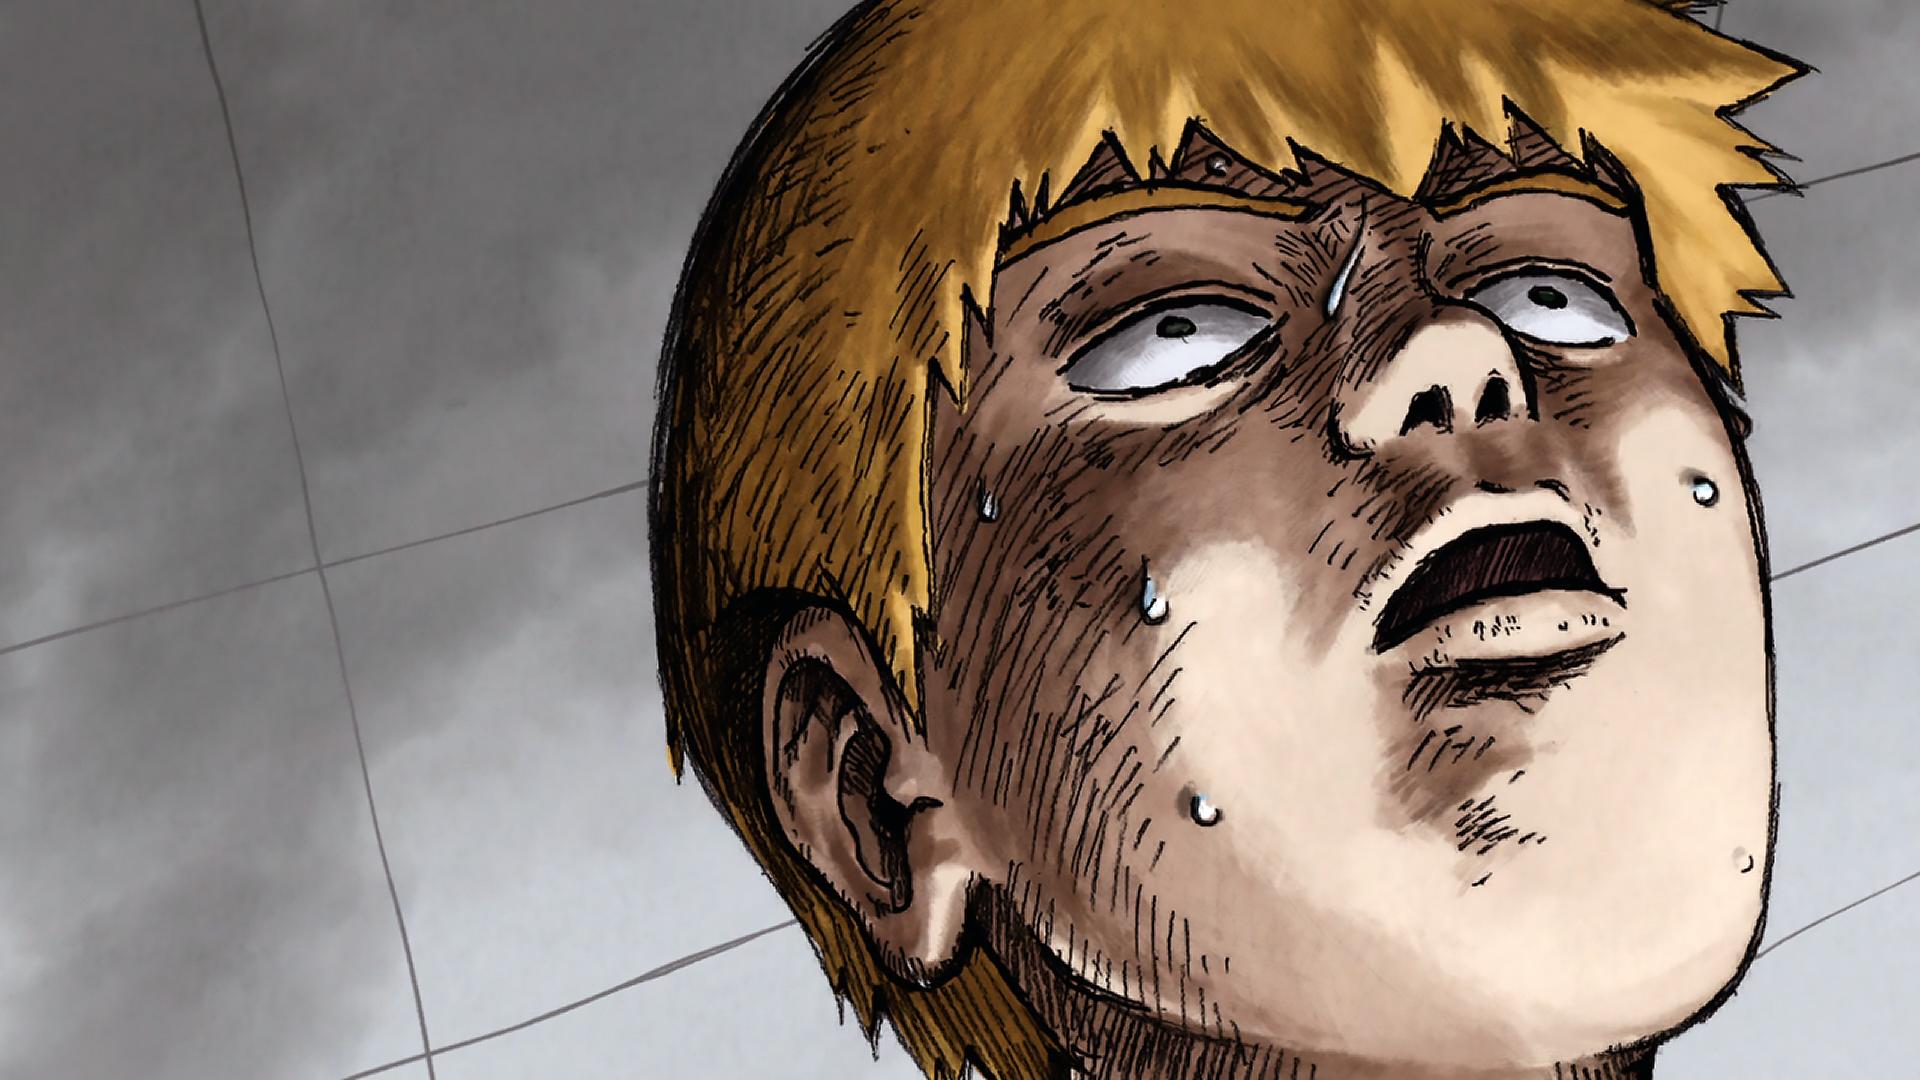 male blonde manga mob psycho 100 anime